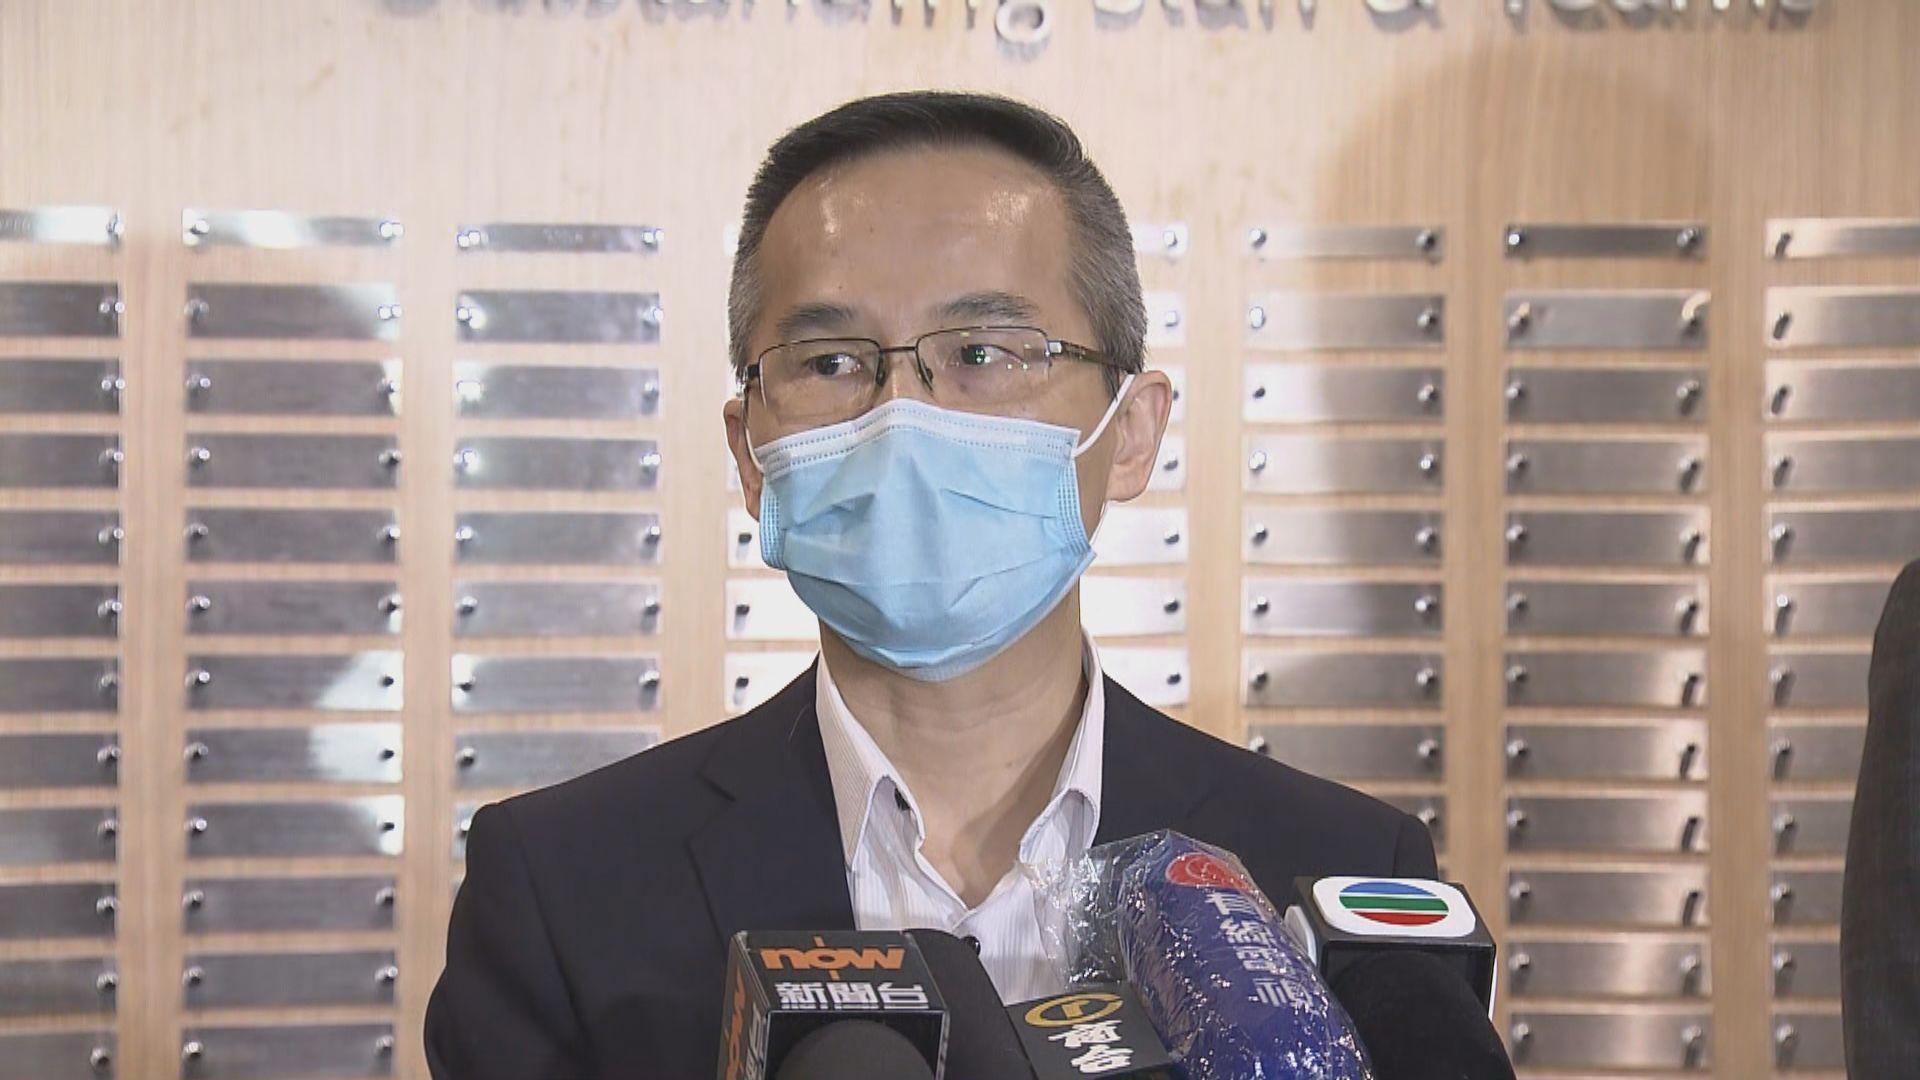 醫管局:本港新冠死亡率約1.6% 將調整治療方案